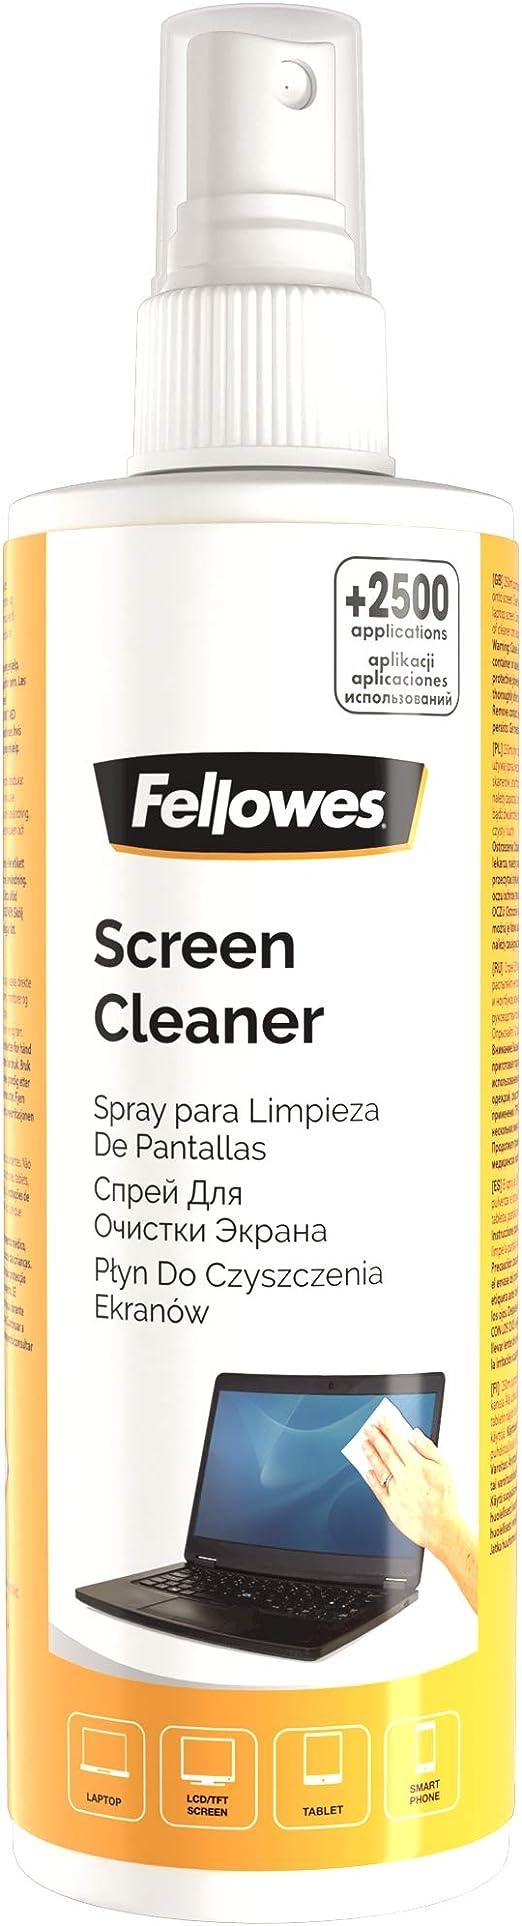 Fellowes 99718 - Spray limpiador pantallas ordenador, portátiles y escáner